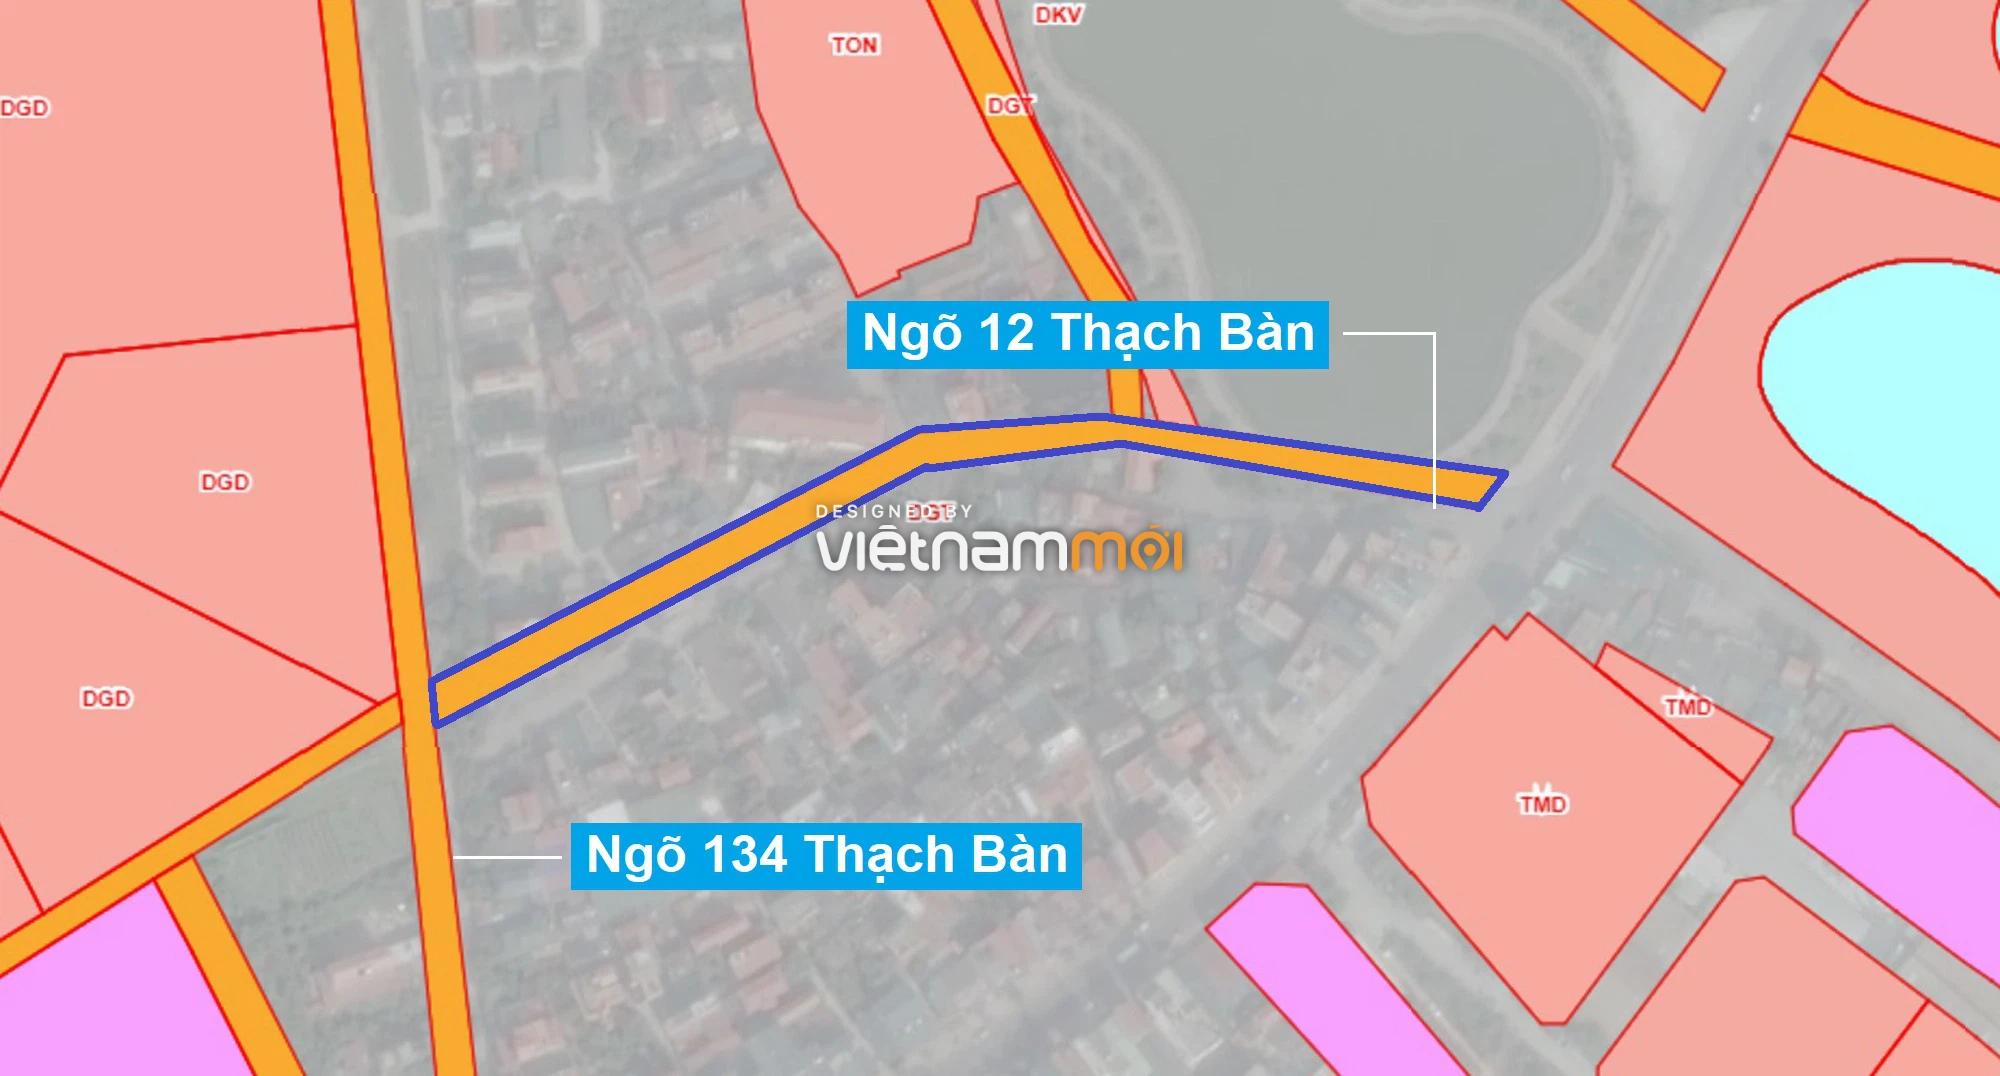 Những khu đất sắp thu hồi để mở đường ở phường Thạch Bàn, Long Biên, Hà Nội (phần 2) - Ảnh 1.